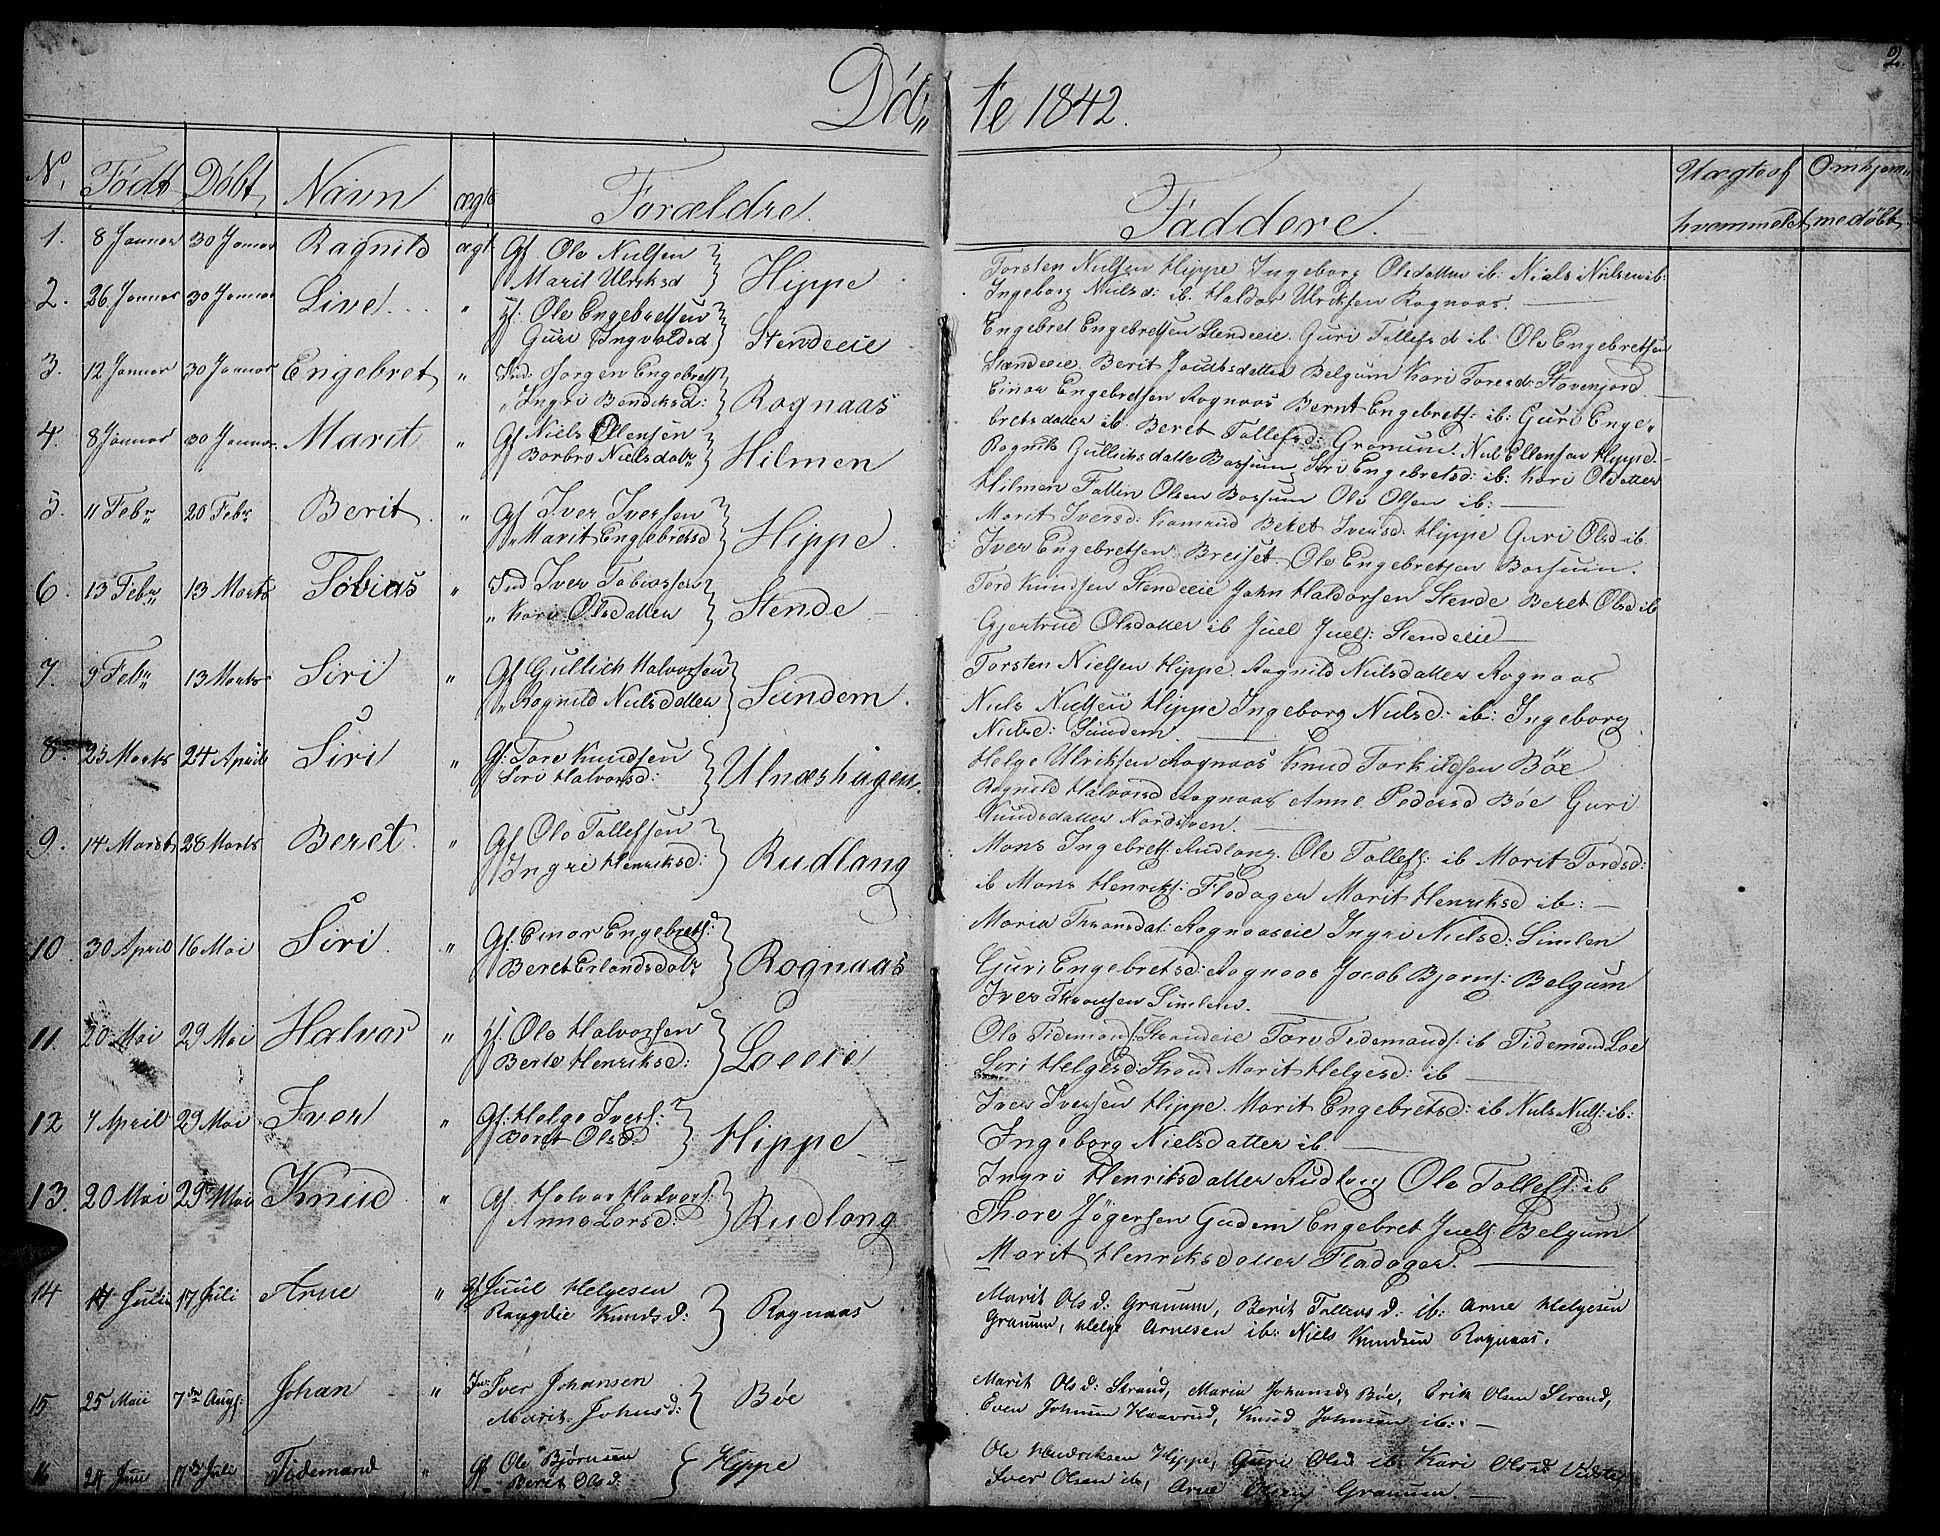 SAH, Nord-Aurdal prestekontor, Klokkerbok nr. 4, 1842-1882, s. 2